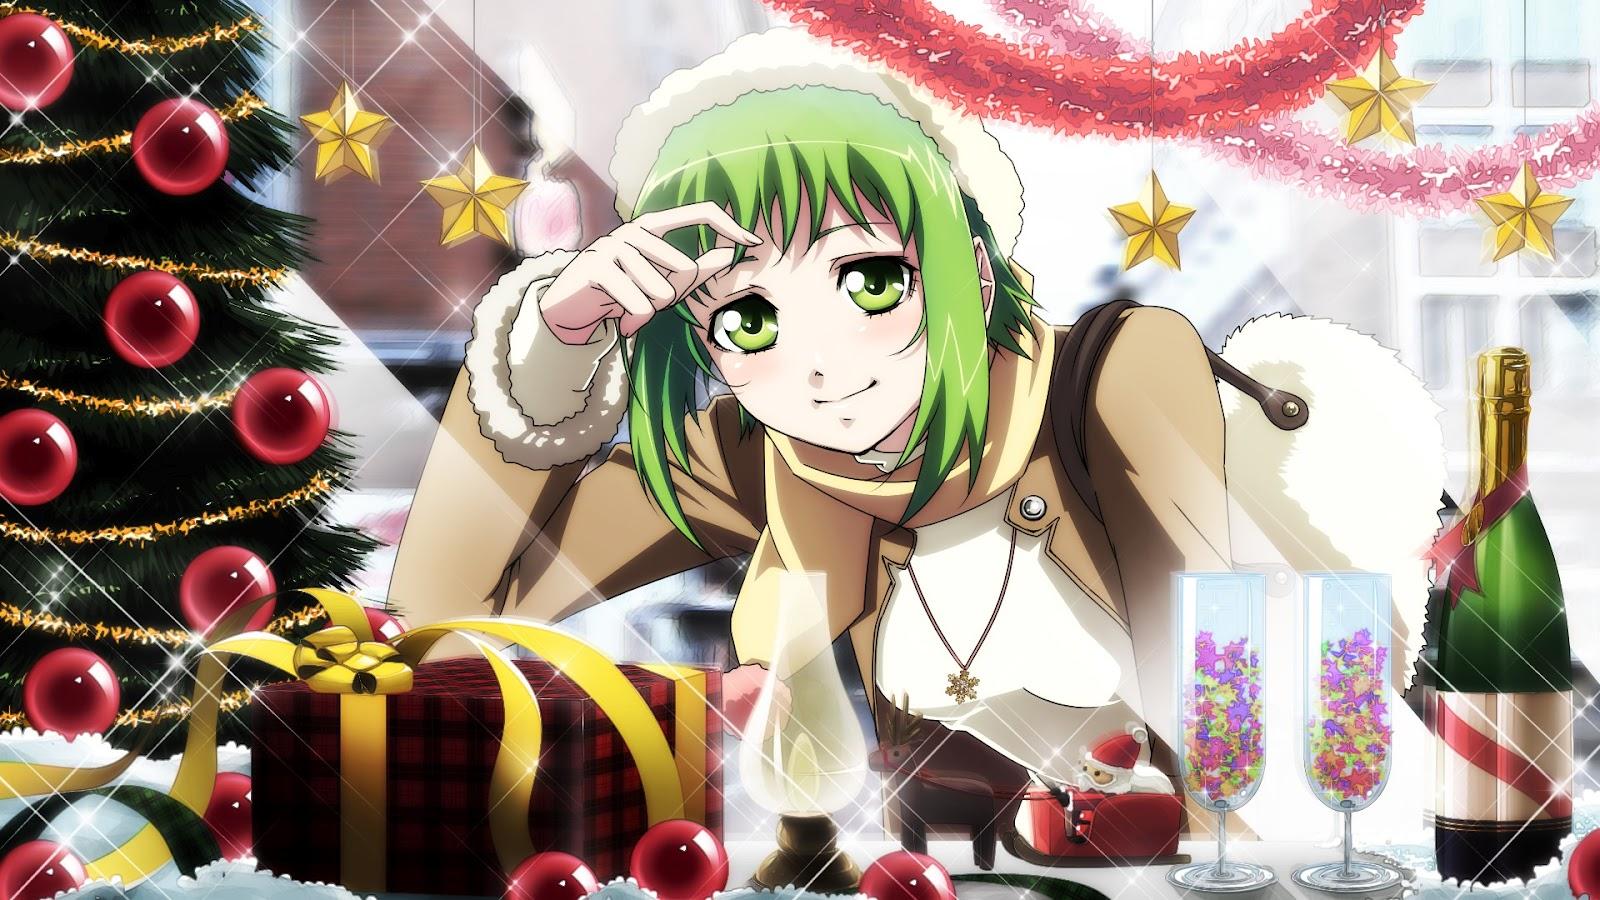 Free christmas wallpapers - Anime christmas wallpaper ...